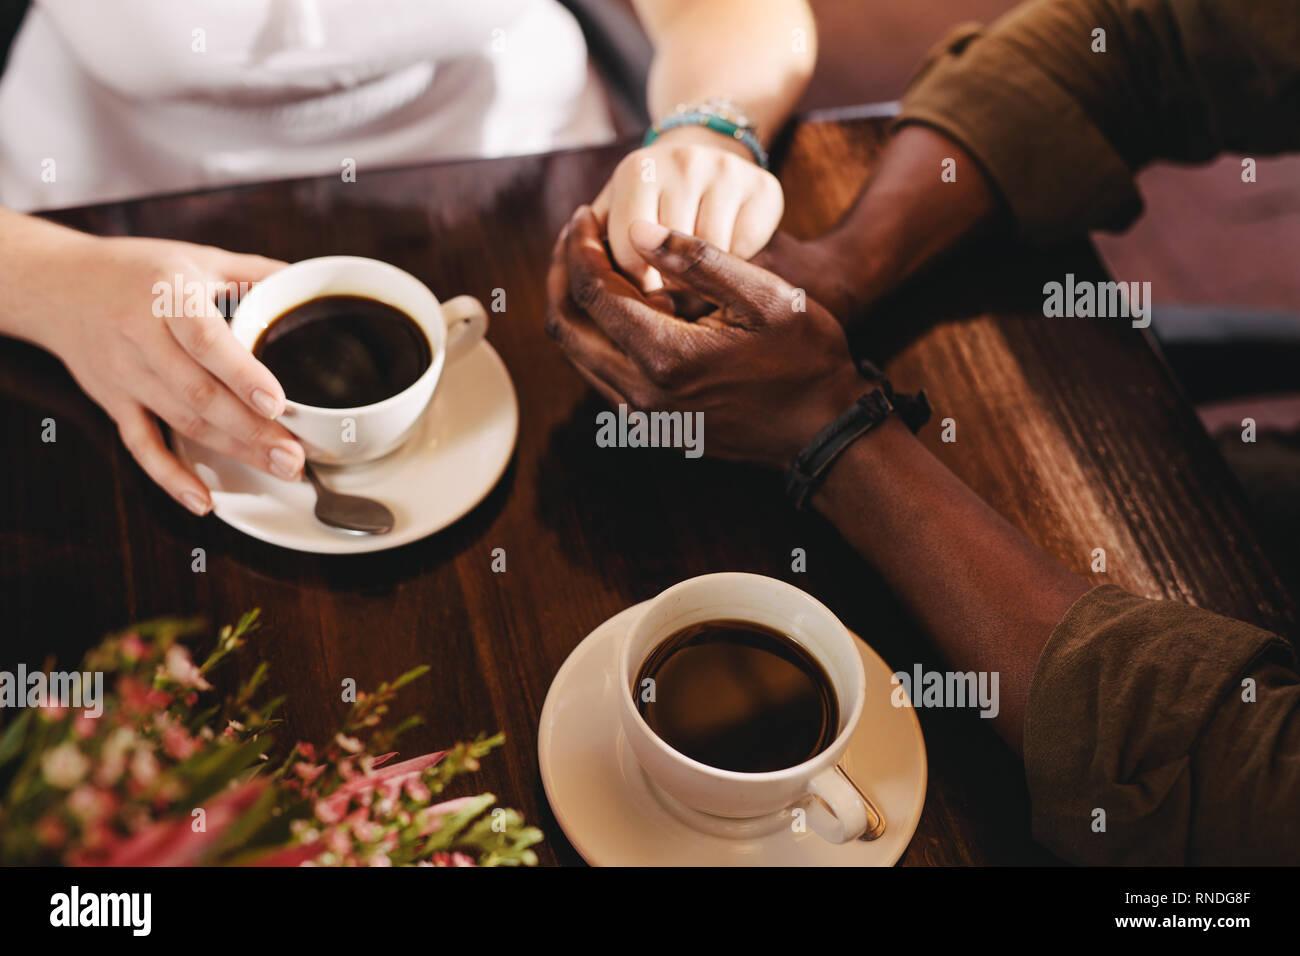 Couple sur une date assis à une table de café. Close up of man holding mains d'une femme sur une table avec des tasses de café par le côté. Banque D'Images